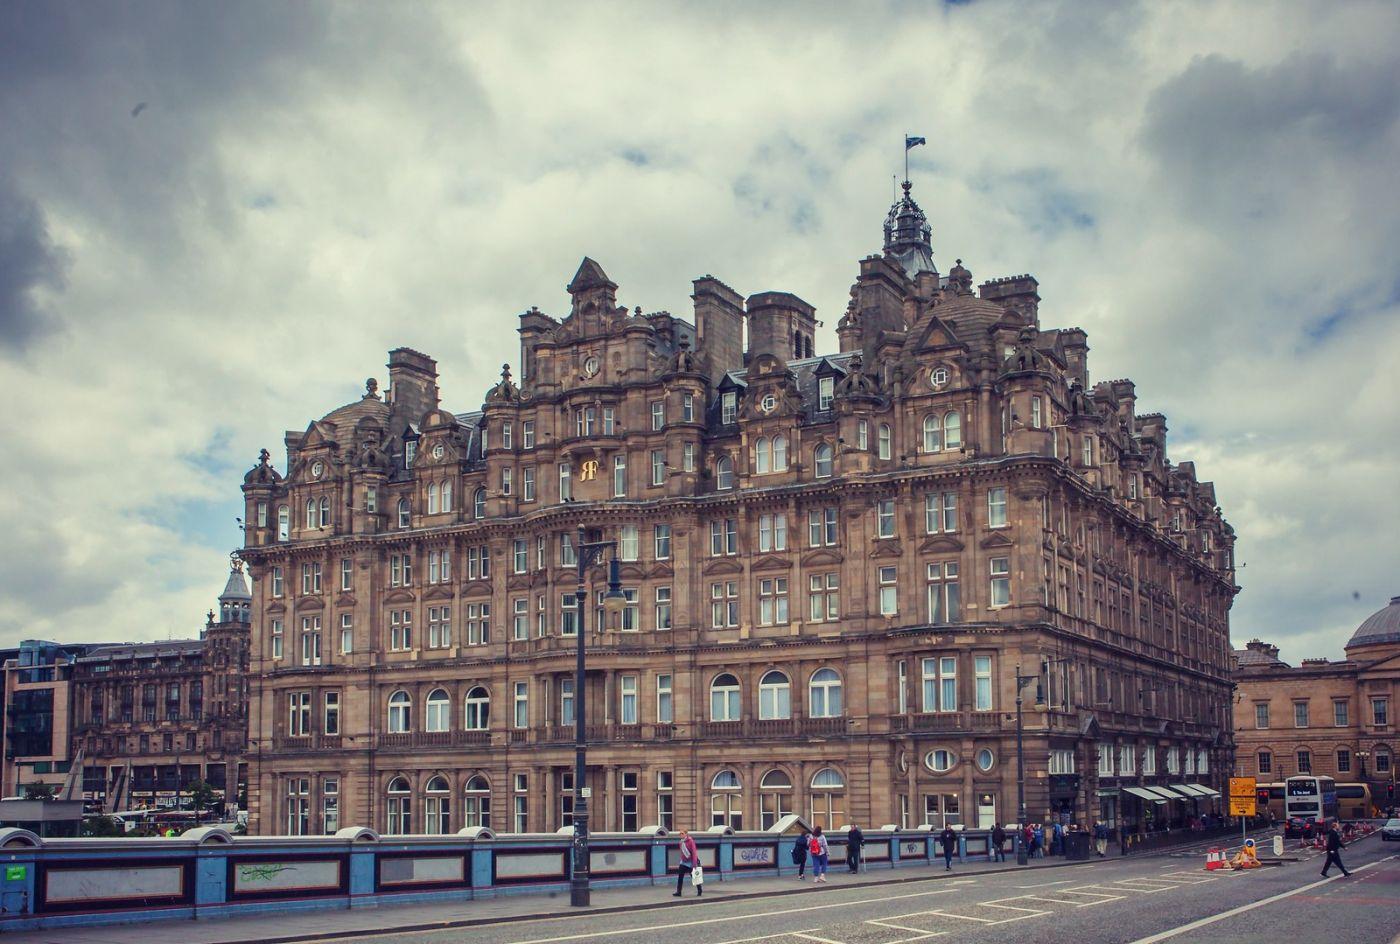 苏格兰爱丁堡,老城市老文化_图1-23